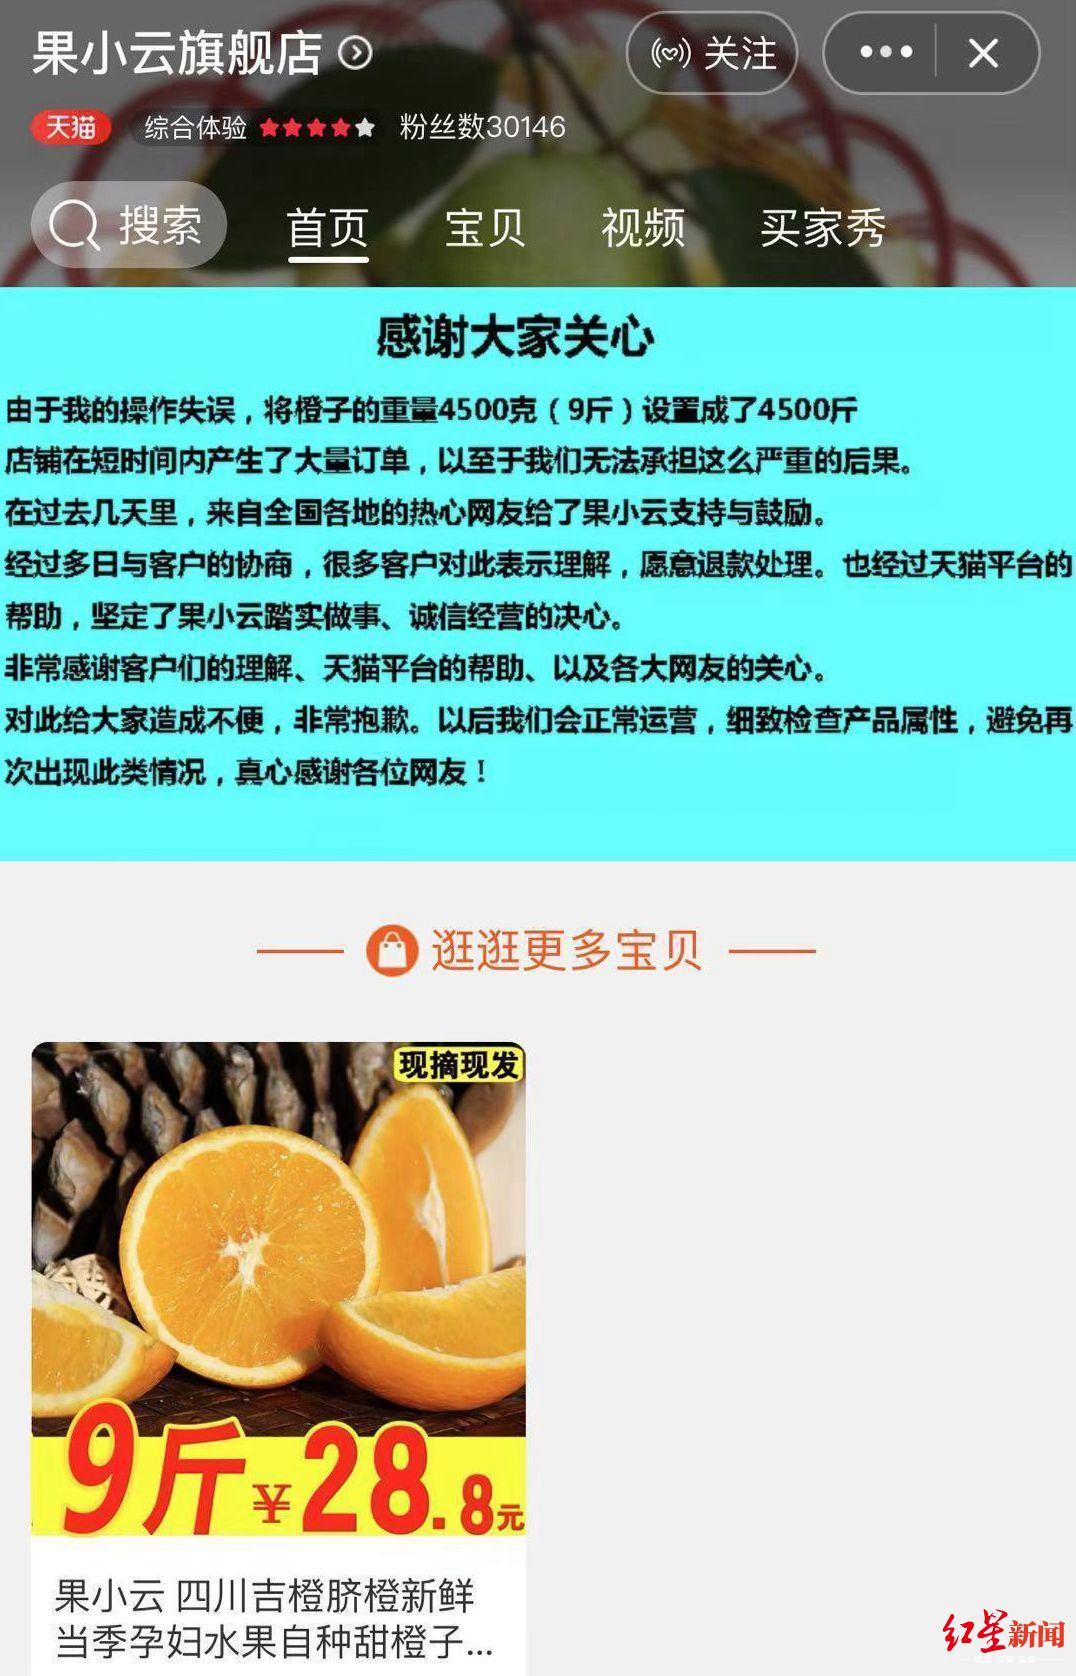 被薅羊毛的淘宝店铺再次上架橙子每斤3.2元销量破2.5万件